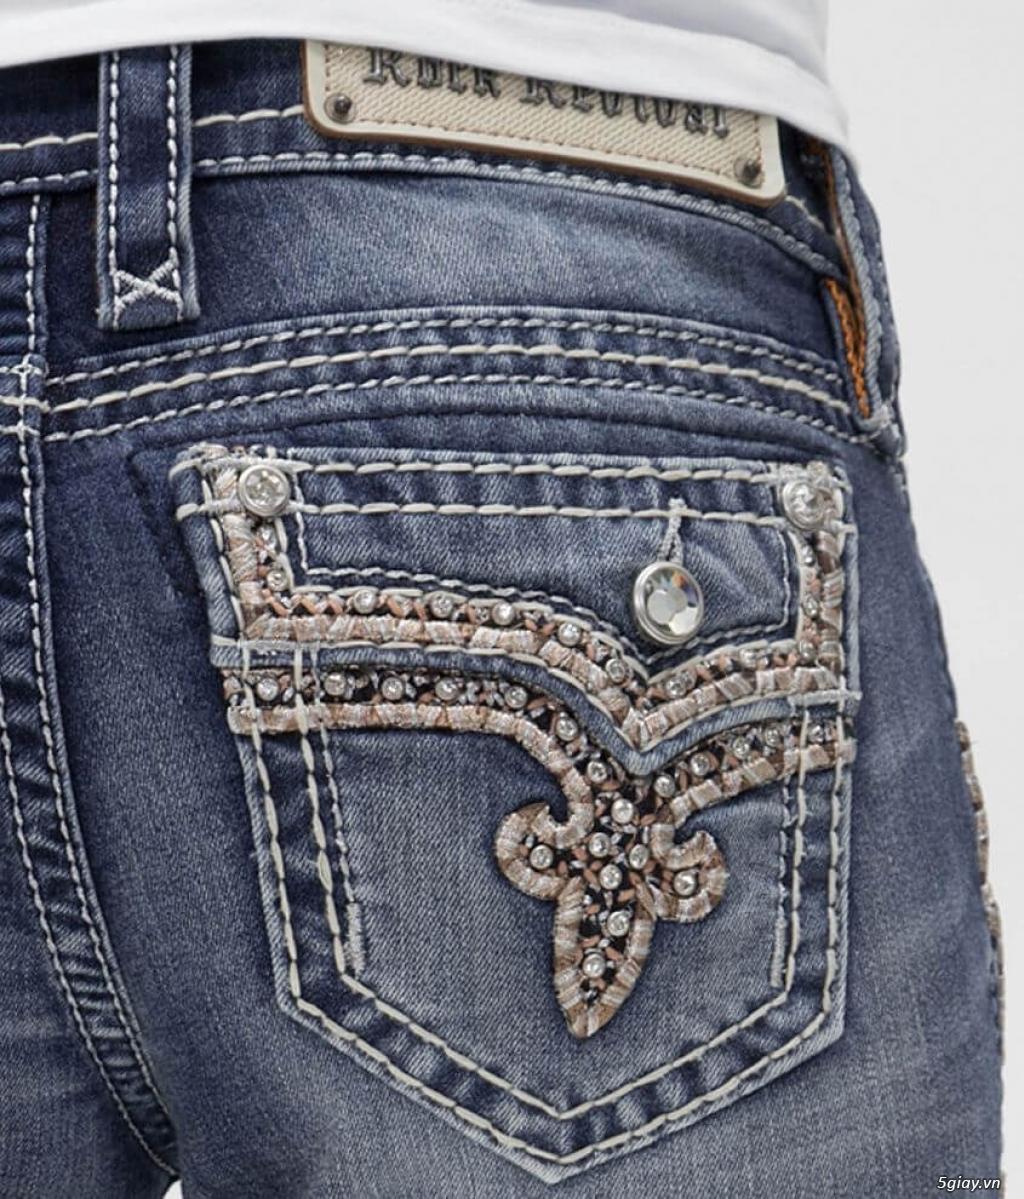 Quần jeans ROCK REVIVAL xuất dư xịn chính hãng - 2